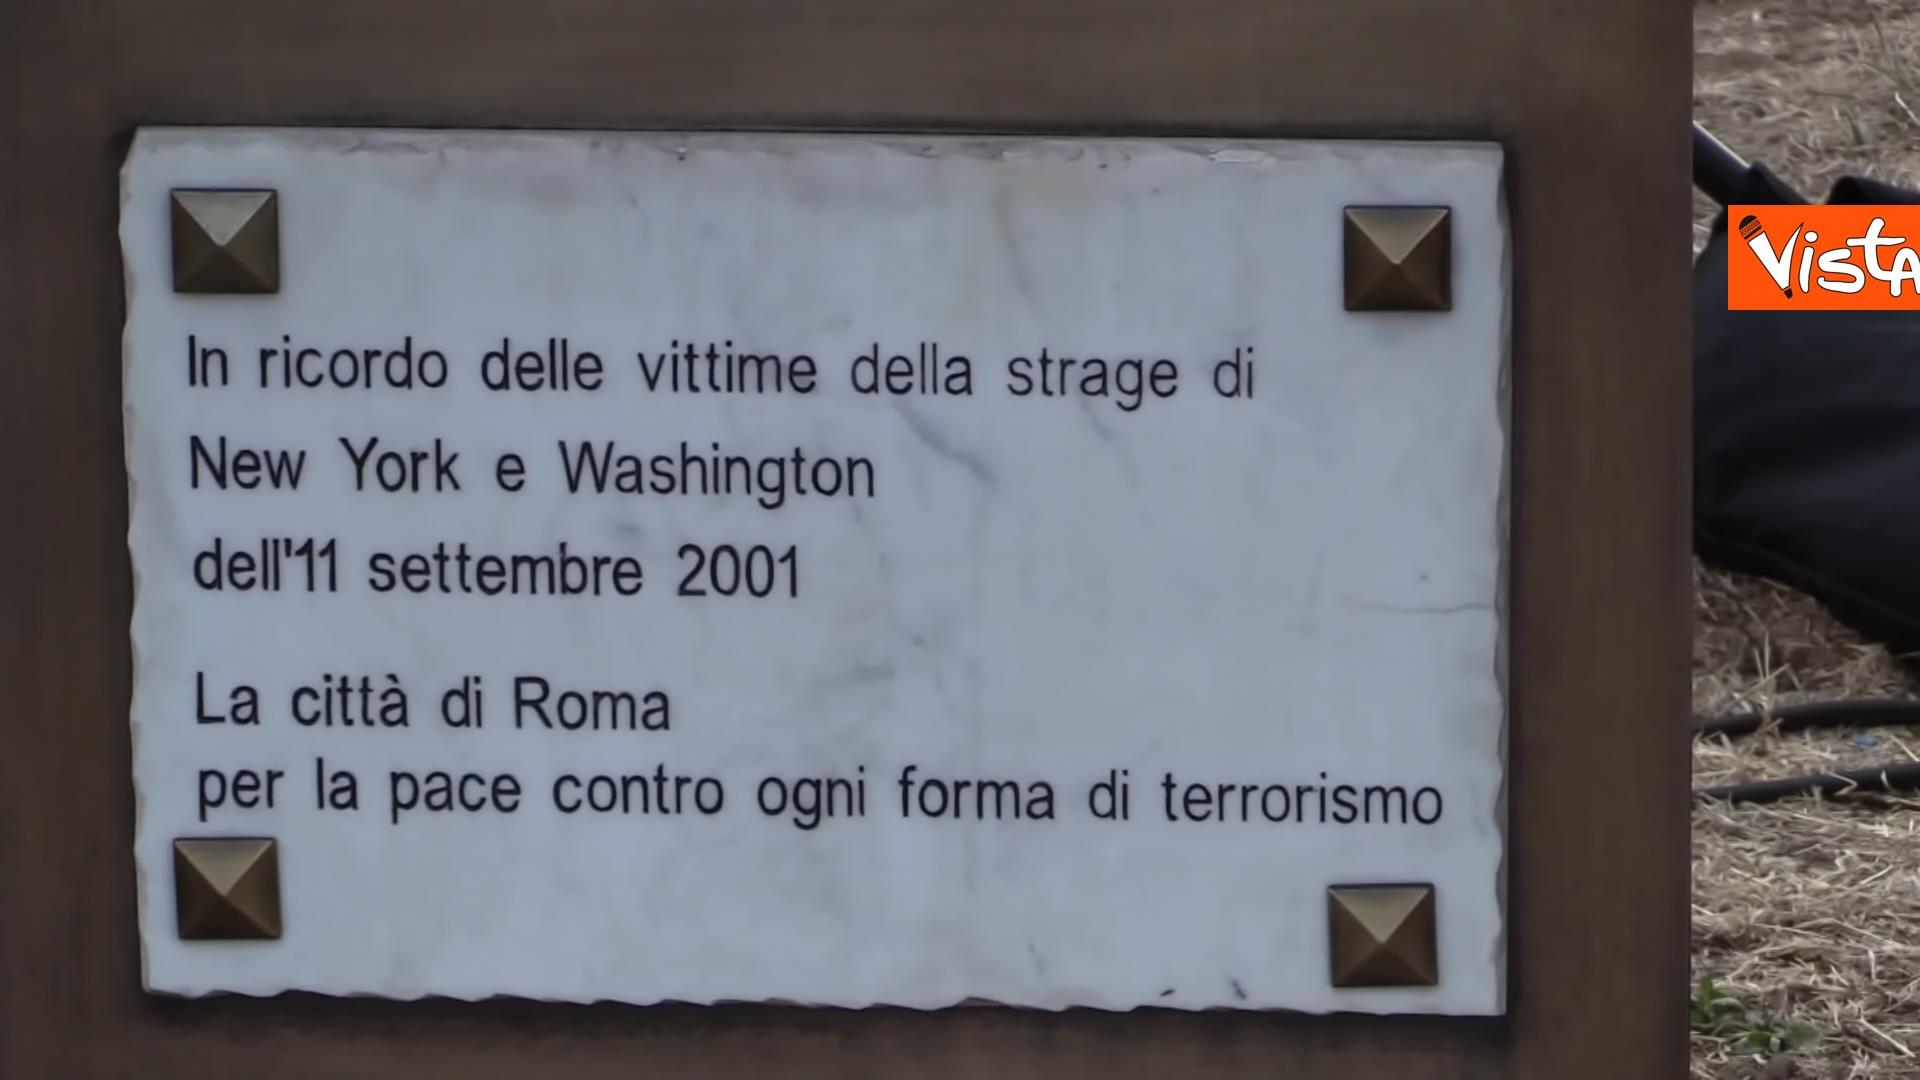 11-09-21 Attentati dell11 settembre Di Maio e Raggi alla cerimonia per i 20 anni a Roma Le immagini_06